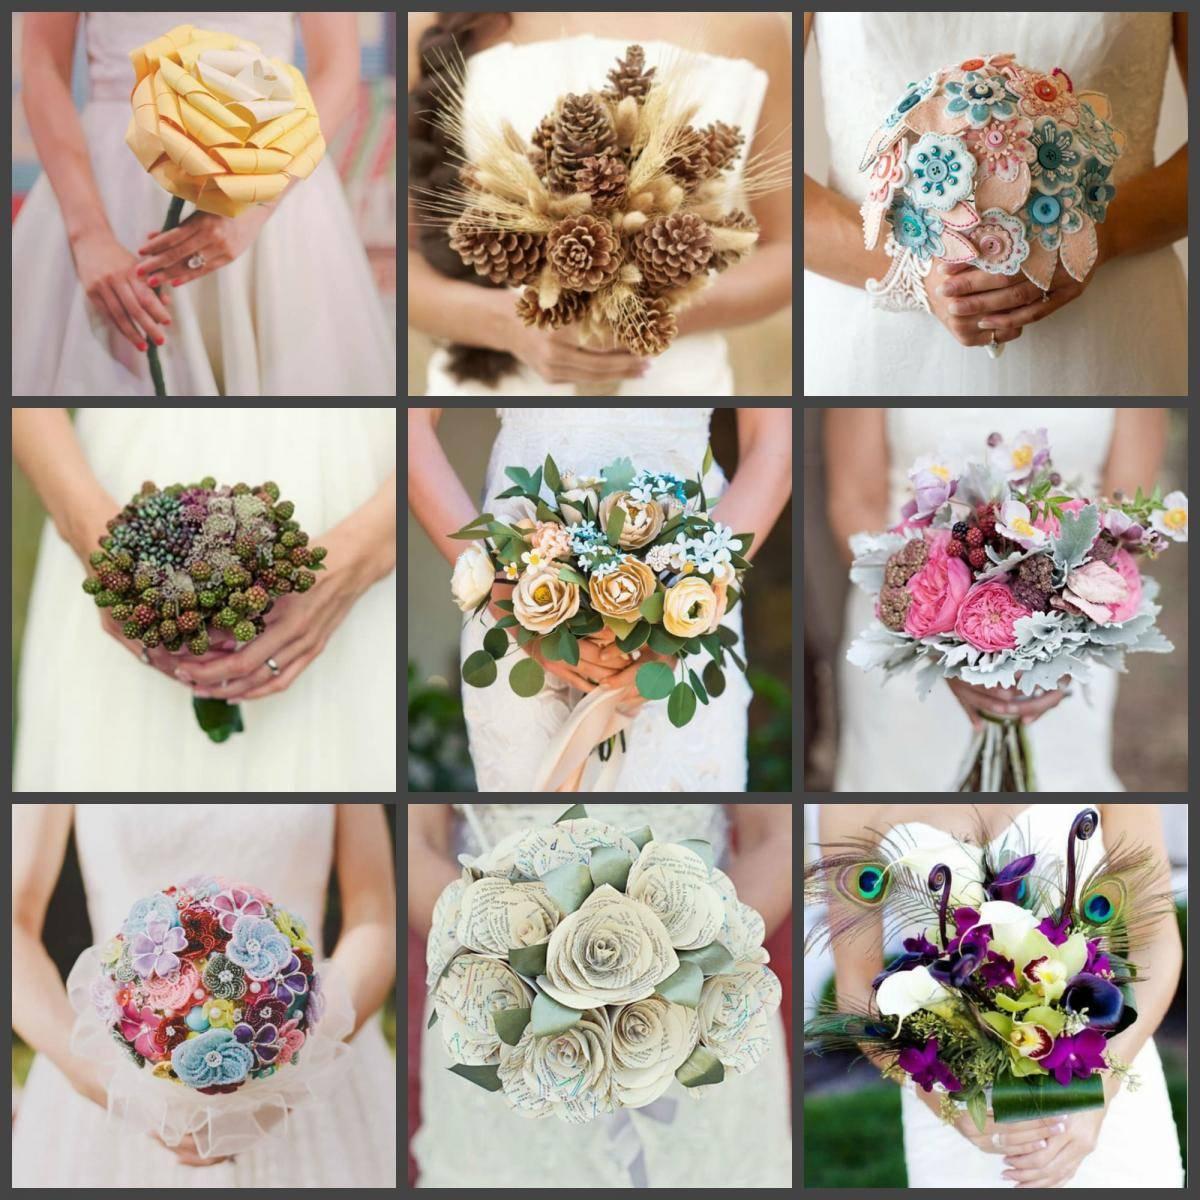 Июльская свадьба: устраиваем незабываемый праздник лета и любви